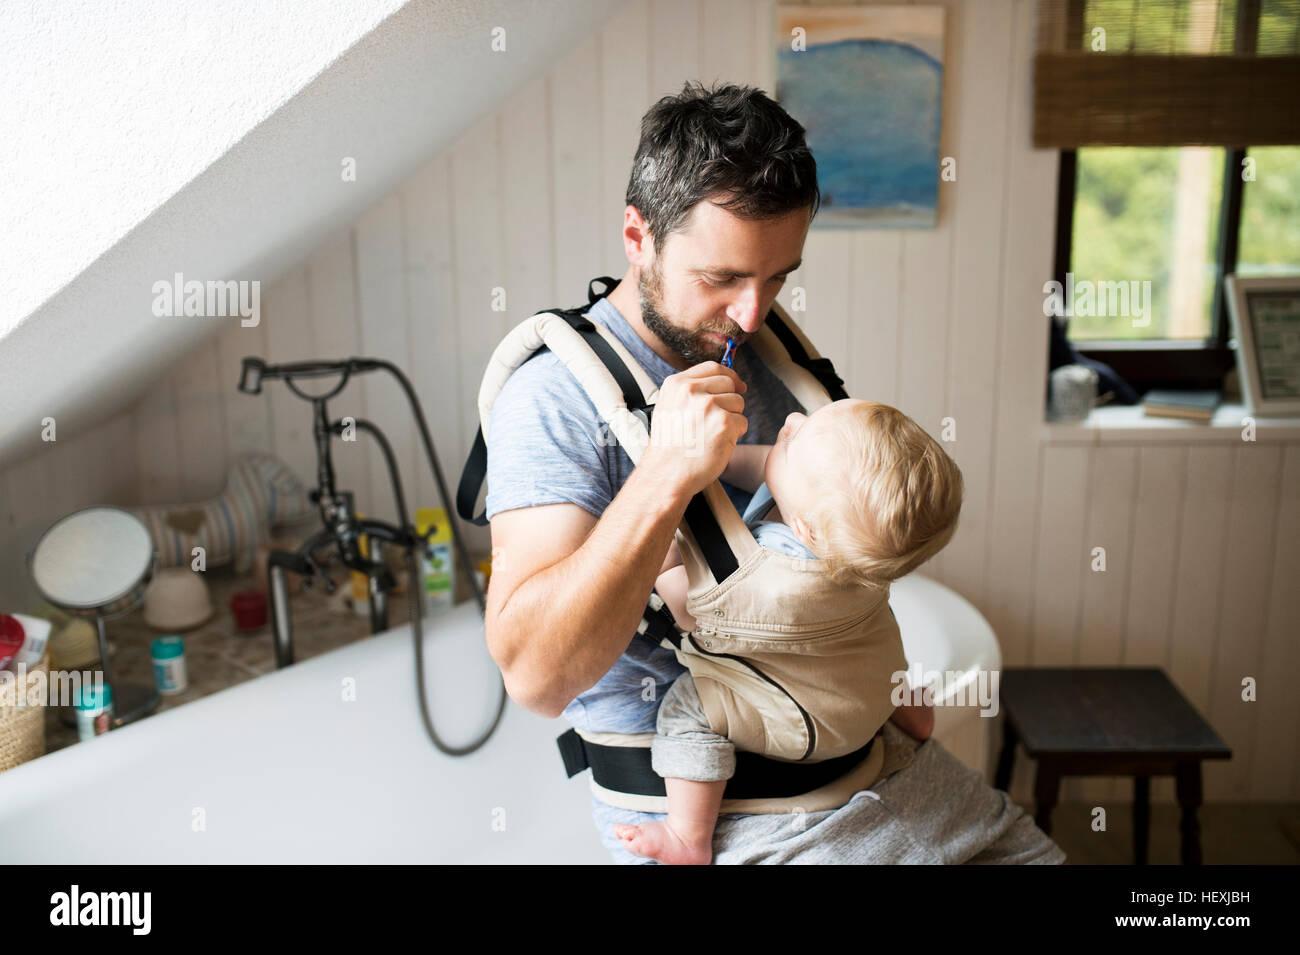 Vater mit Baby im Tragetuch, seine Zähne zu putzen Stockfoto